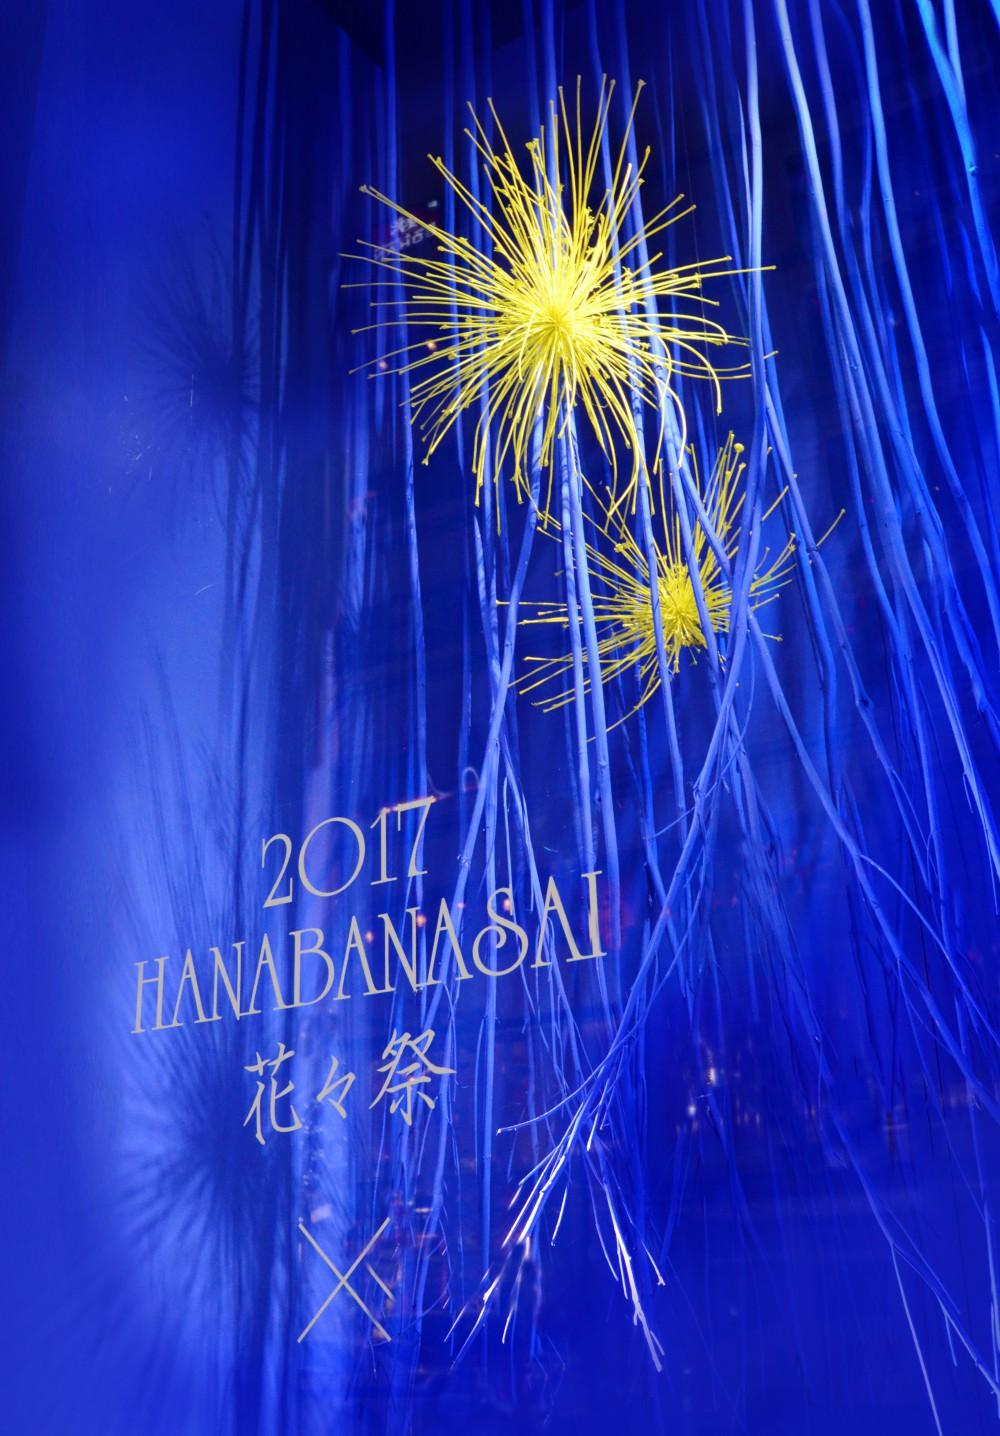 HANABANASAI 2017